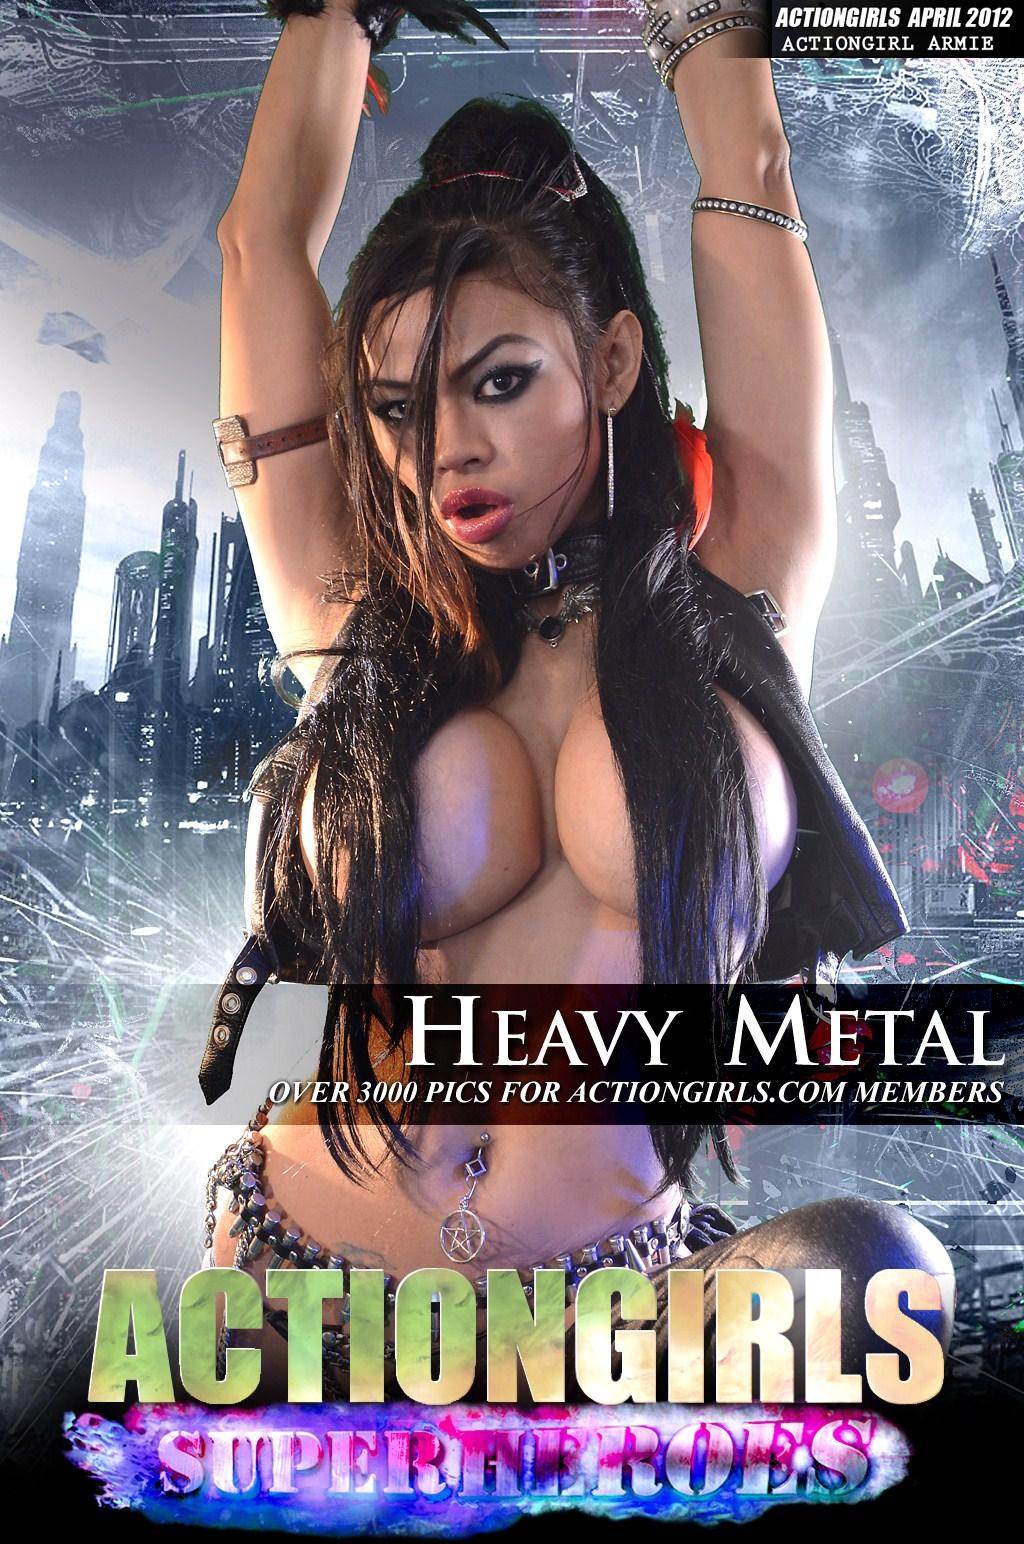 http://3.bp.blogspot.com/-k6Oj8PVkH8E/T5riI6FreXI/AAAAAAAAzcQ/AZ7dY2mrc24/s1600/Armie-Heavy-Metal-POSTER.jpg